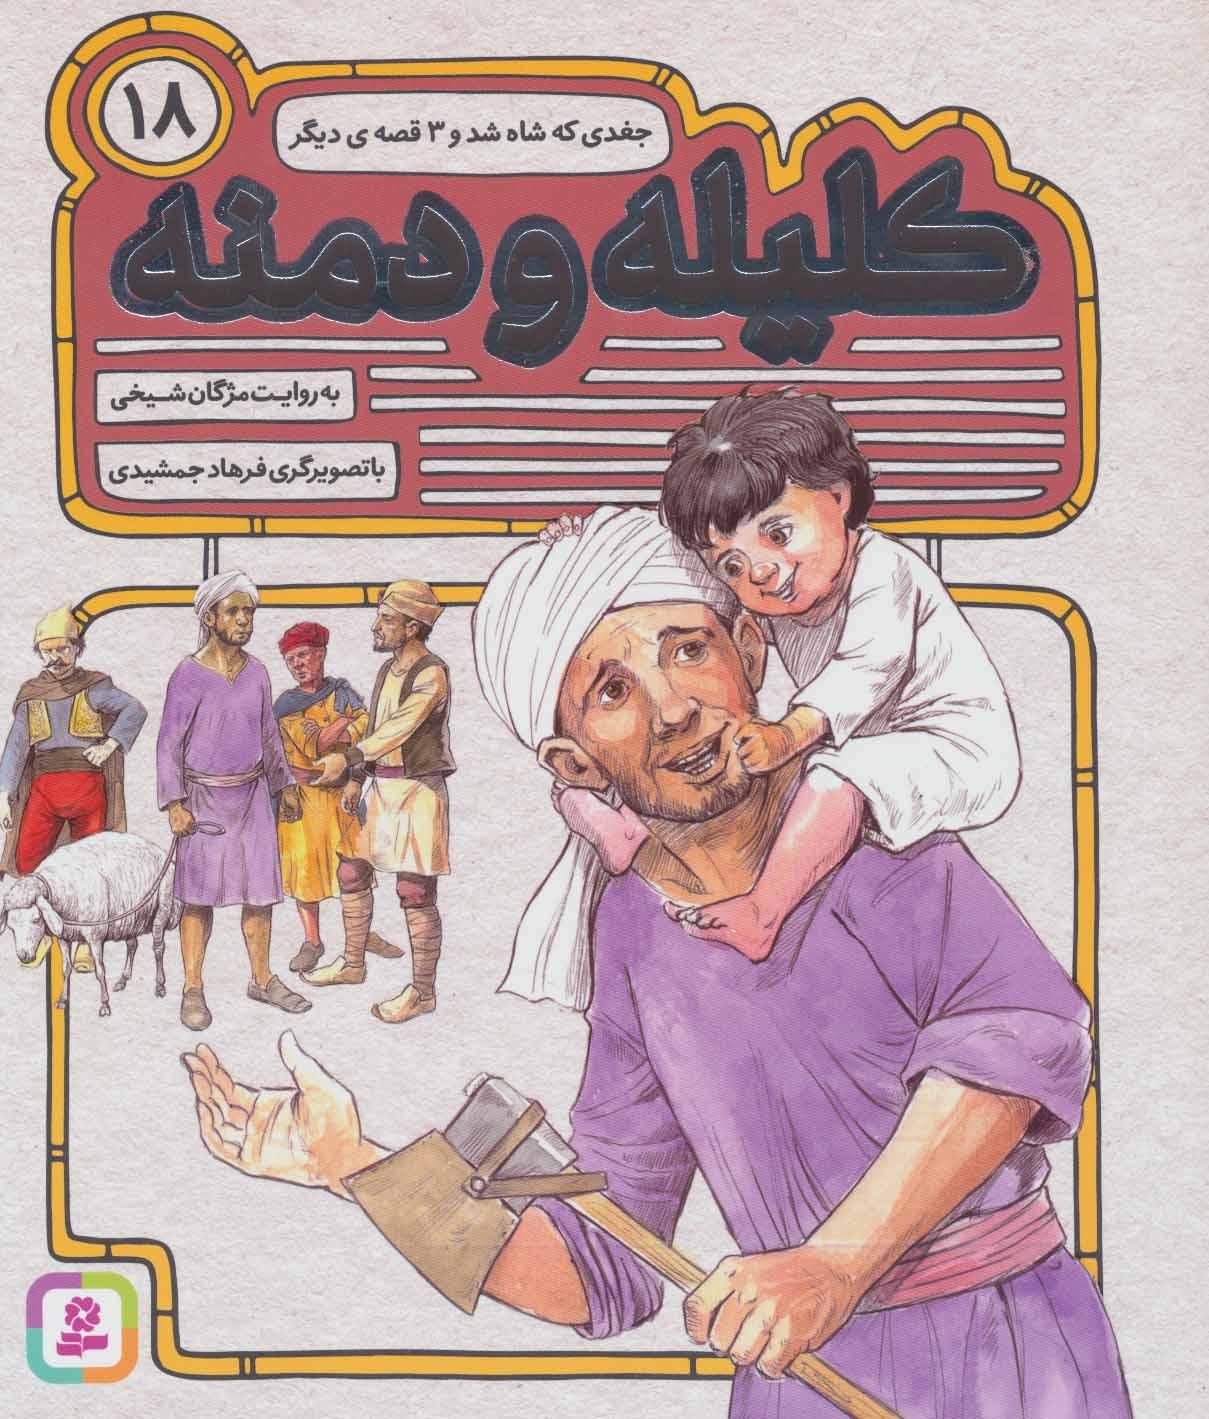 54 قصه از کلیله و دمنه18 (جغدی که شاه شد و 3 قصه ی دیگر)